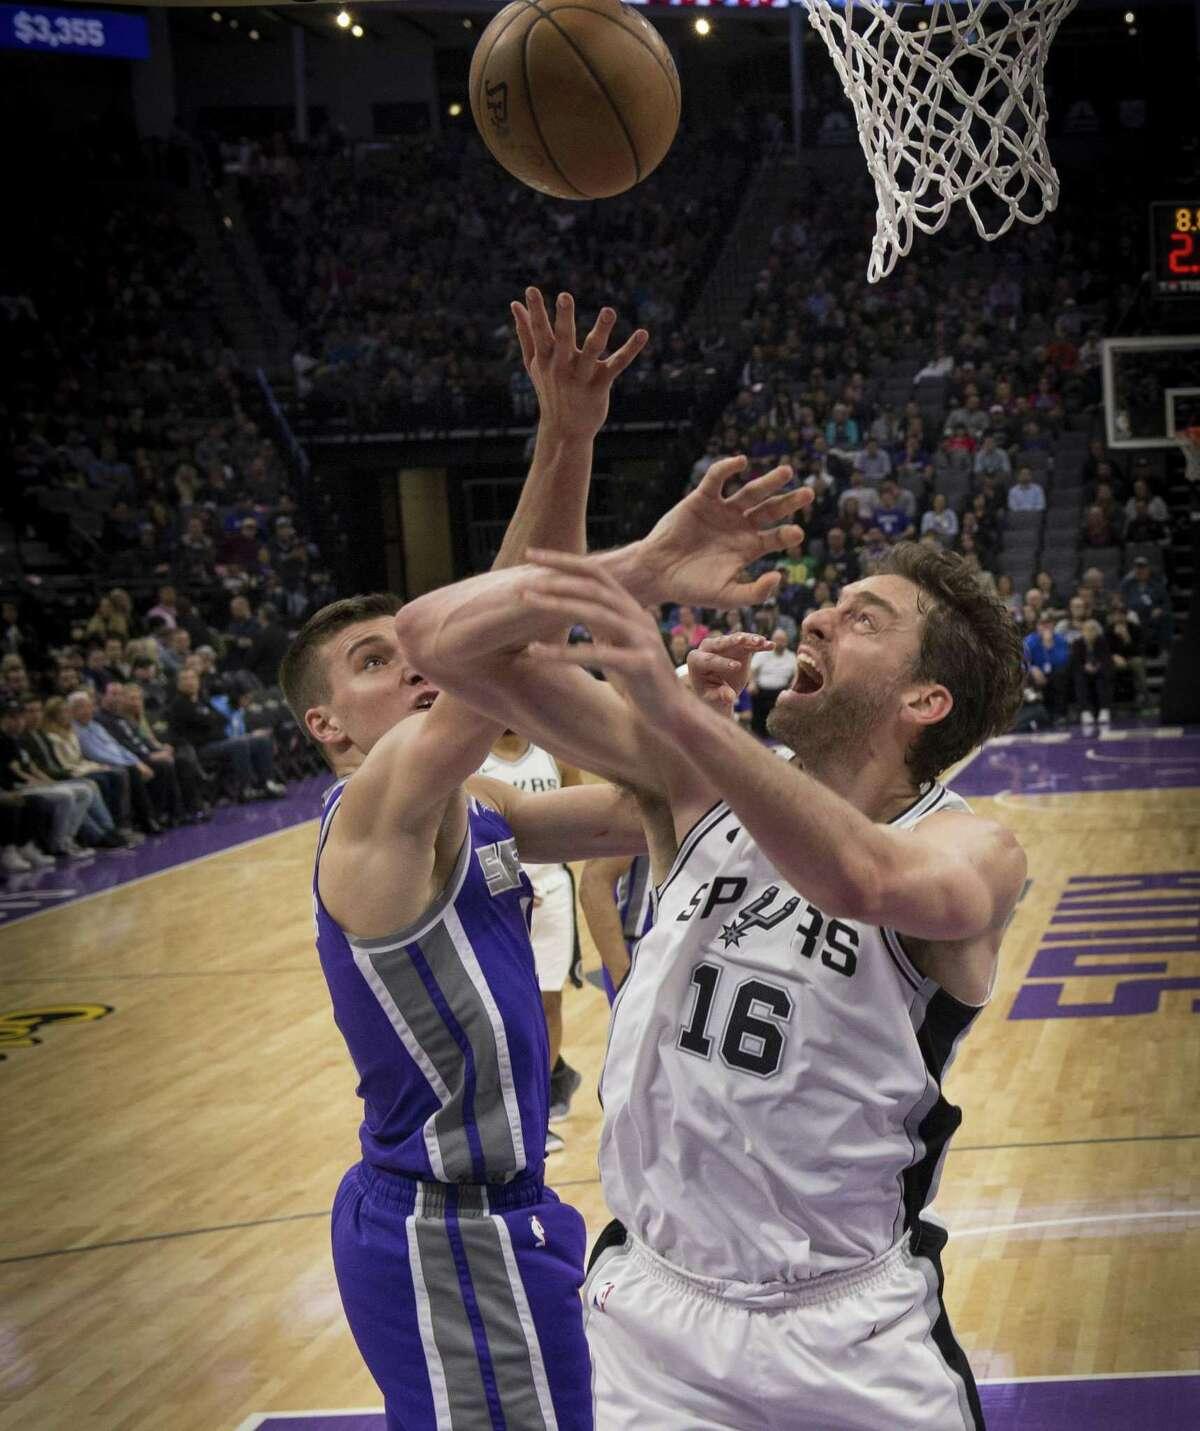 Sacramento Kings guard Bogdan Bogdanovic (8) strips the ball from the San Antonio Spurs center Pau Gasol (16) on Monday, Jan. 8, 2018 at the Golden 1 Center in Sacramento, Calif. (Hector Amezcua/Sacramento Bee/TNS)